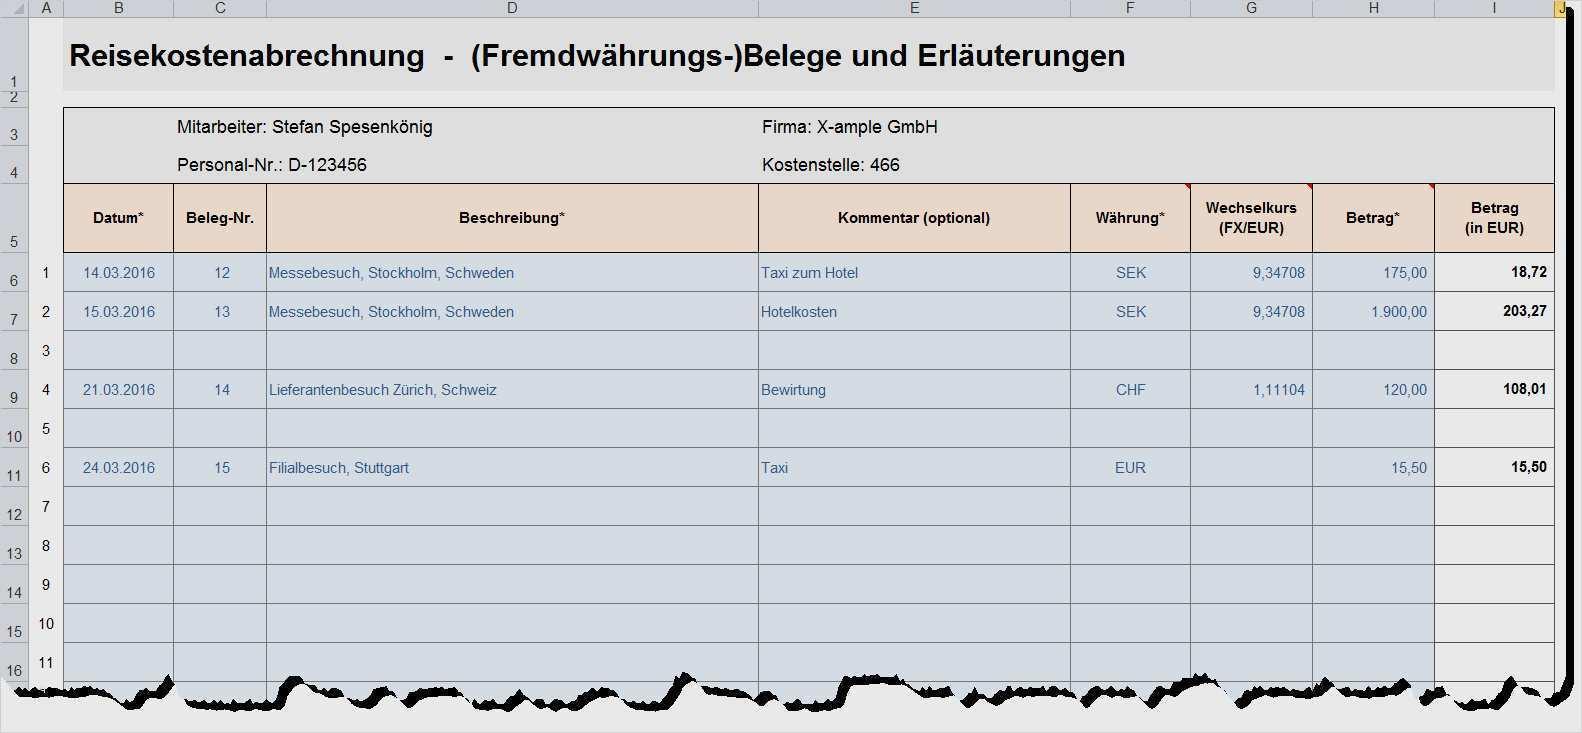 Hubsch Reisekostenabrechnung 2017 Vorlage Solche Konnen Anpassen In Microsoft Word Dillyhearts Com